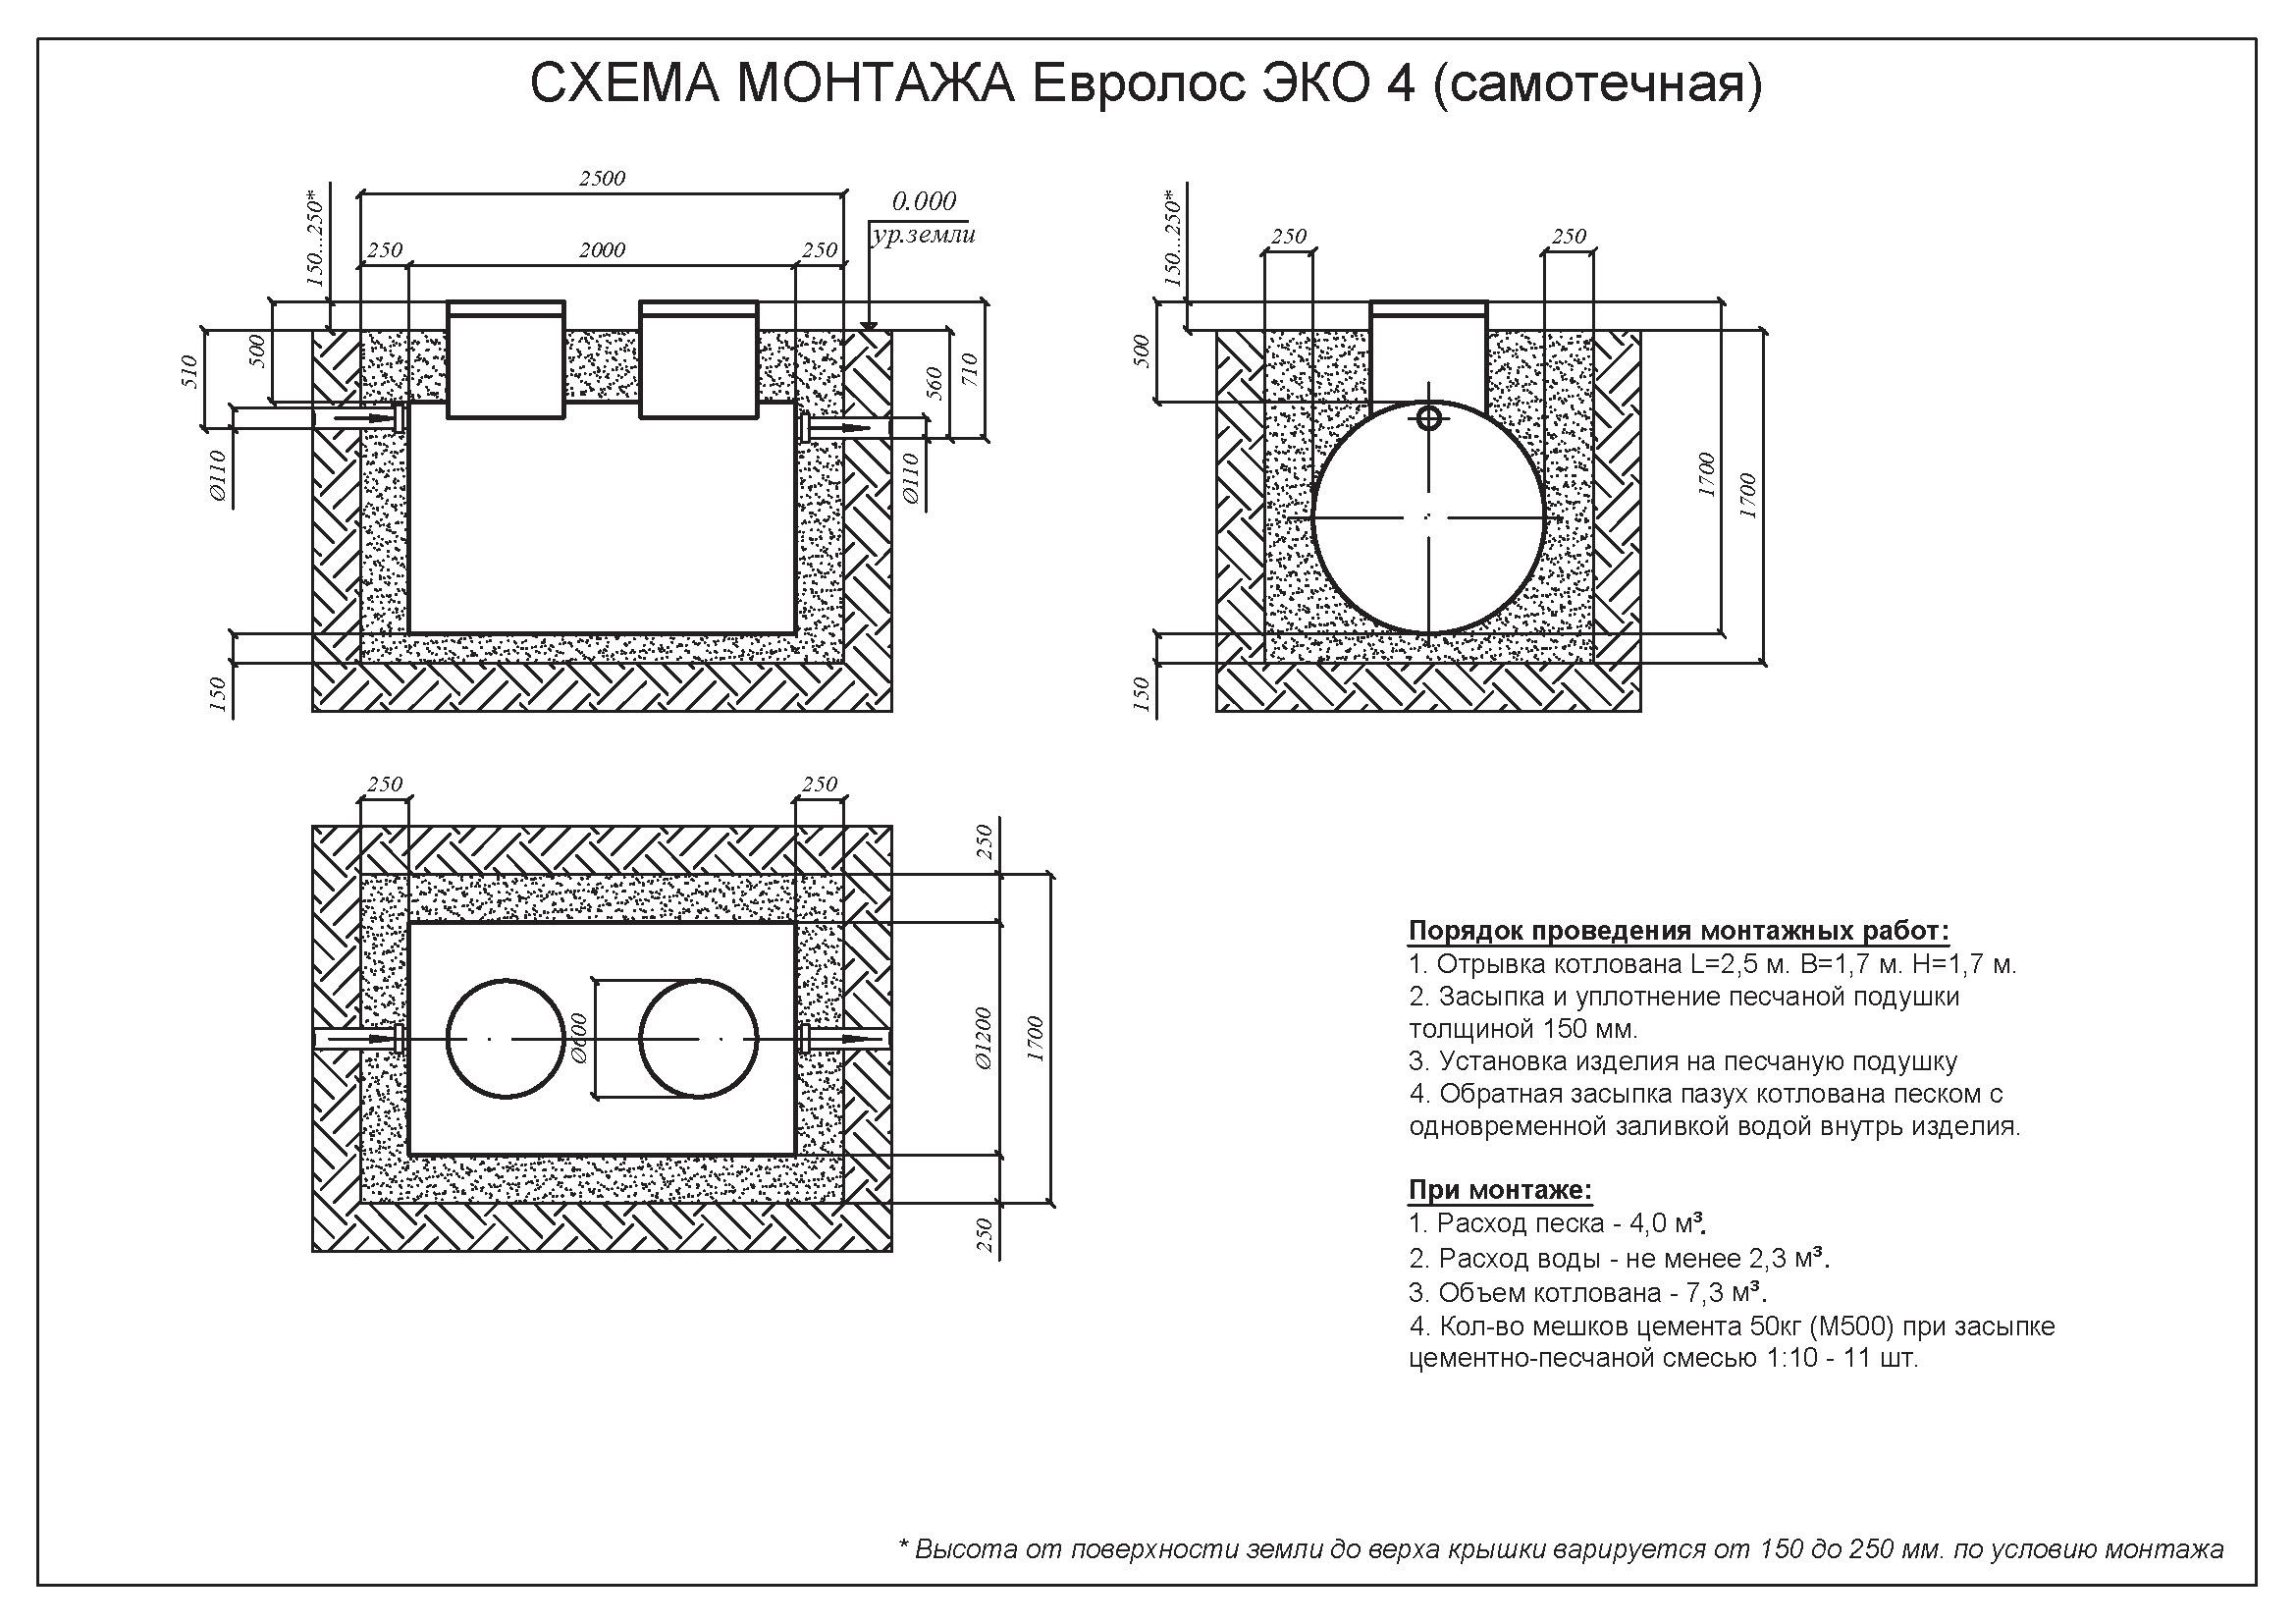 Монтажные схемы Евролос Эко_Страница_2